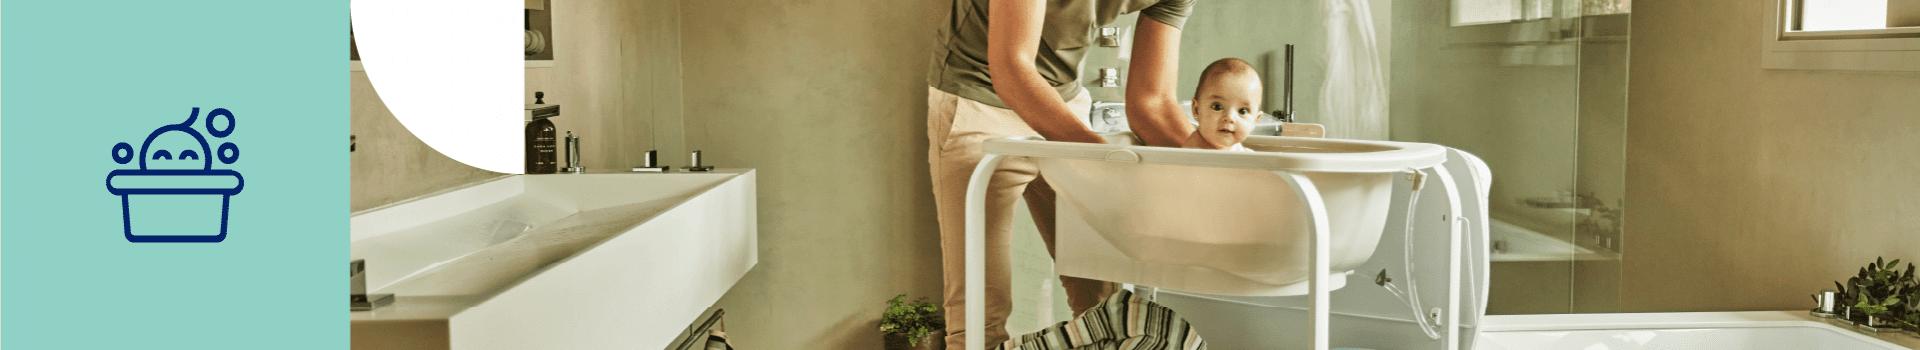 Baignoires Jané | Les meilleures baignoires et tables à langer | Janéworld